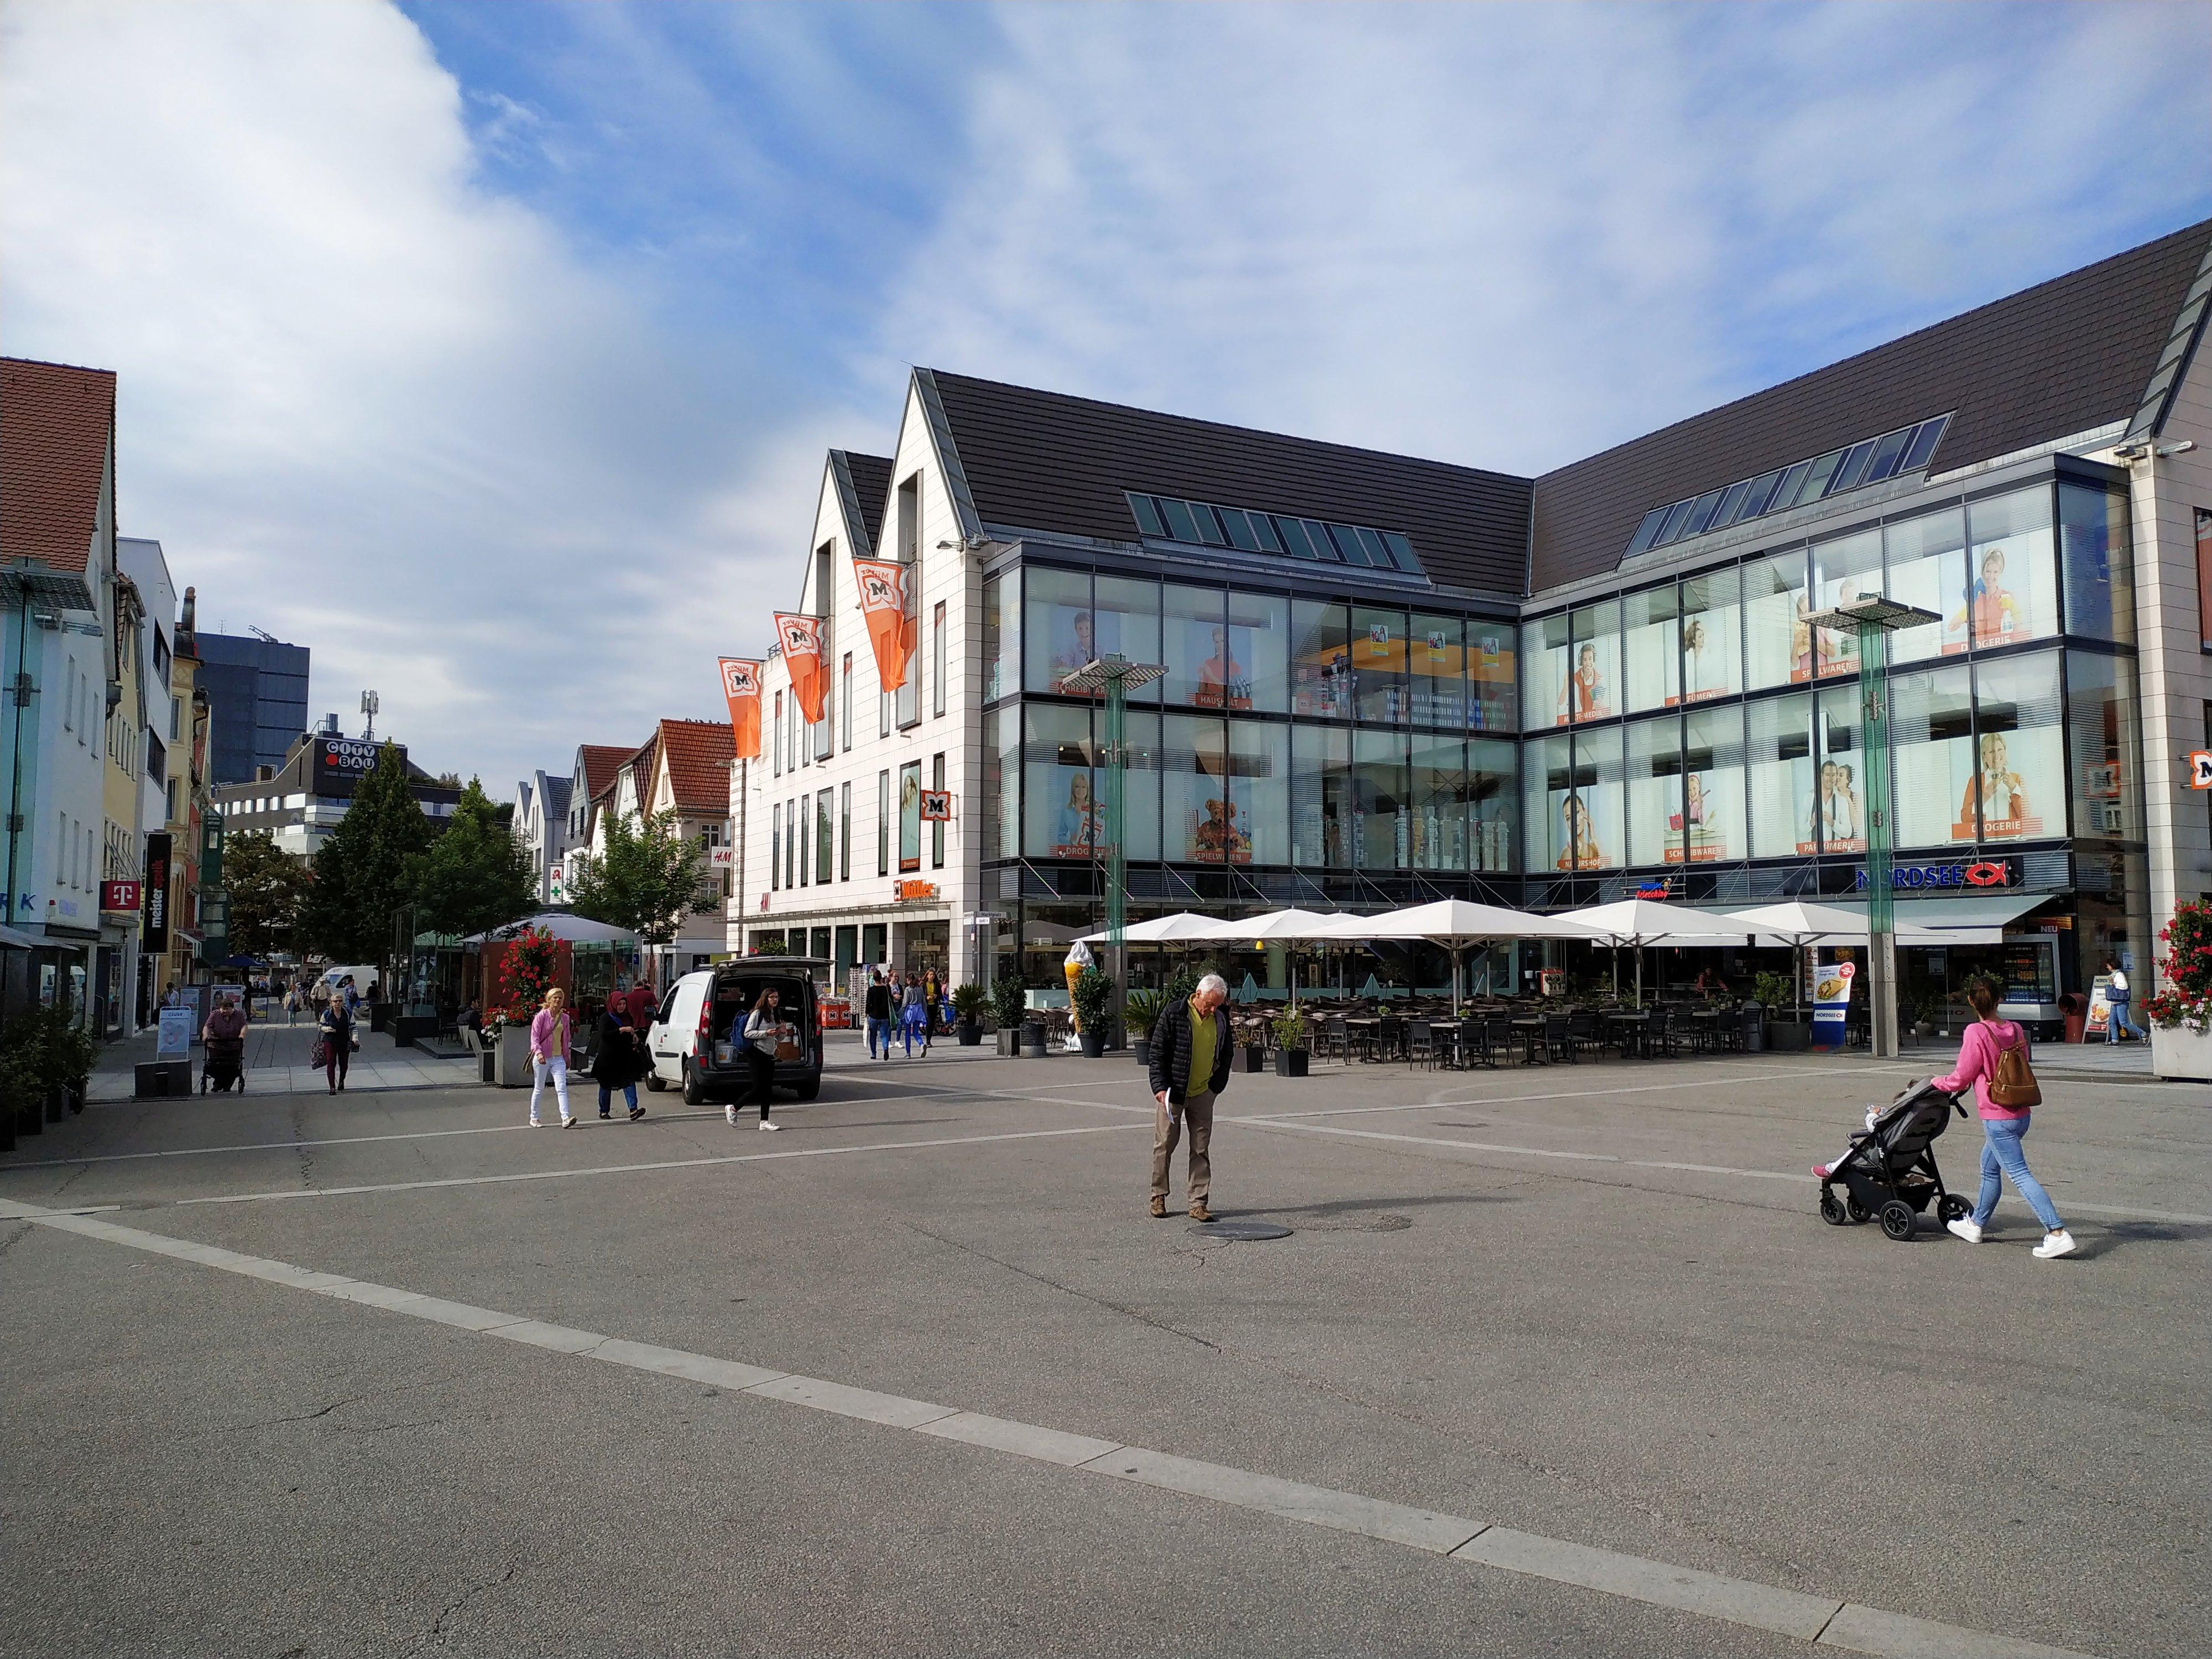 Göppingen Marktplatz